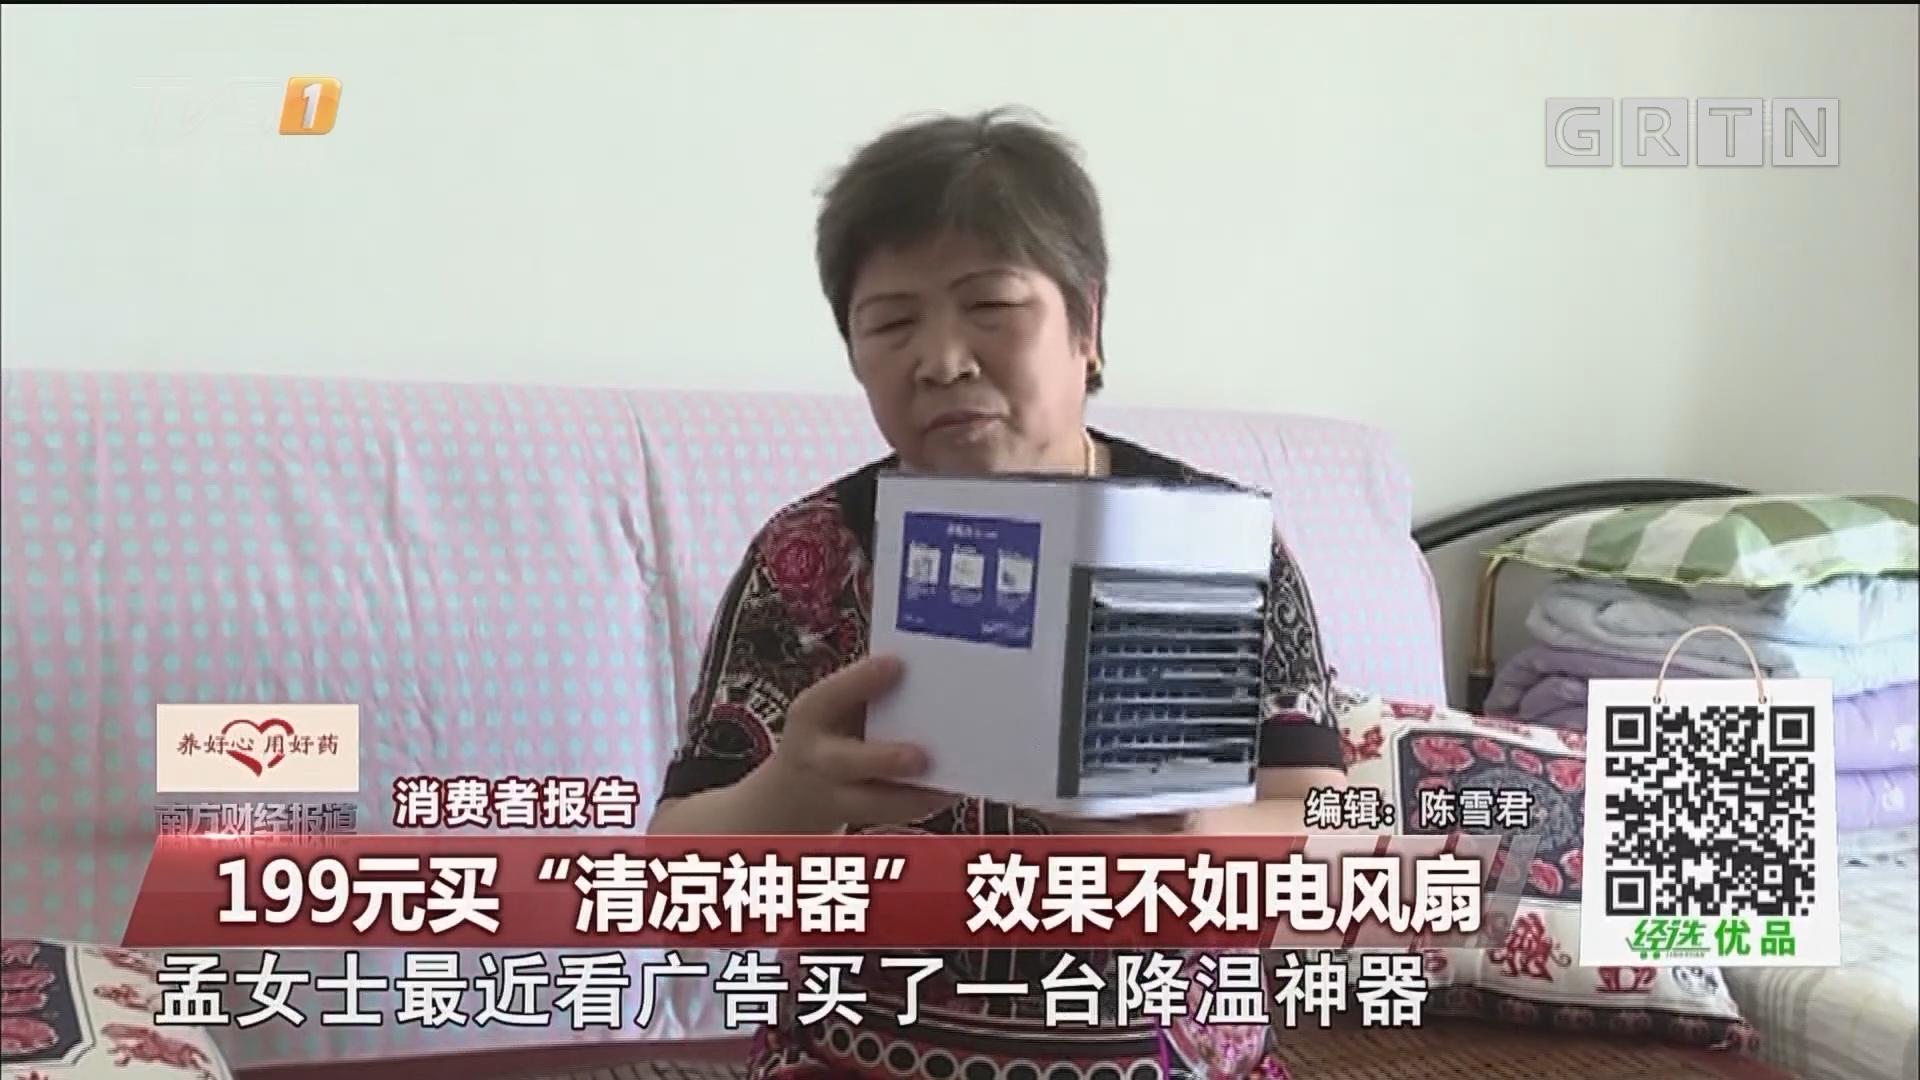 """消费者报告:199元买""""清凉神器"""" 效果不如电风扇"""